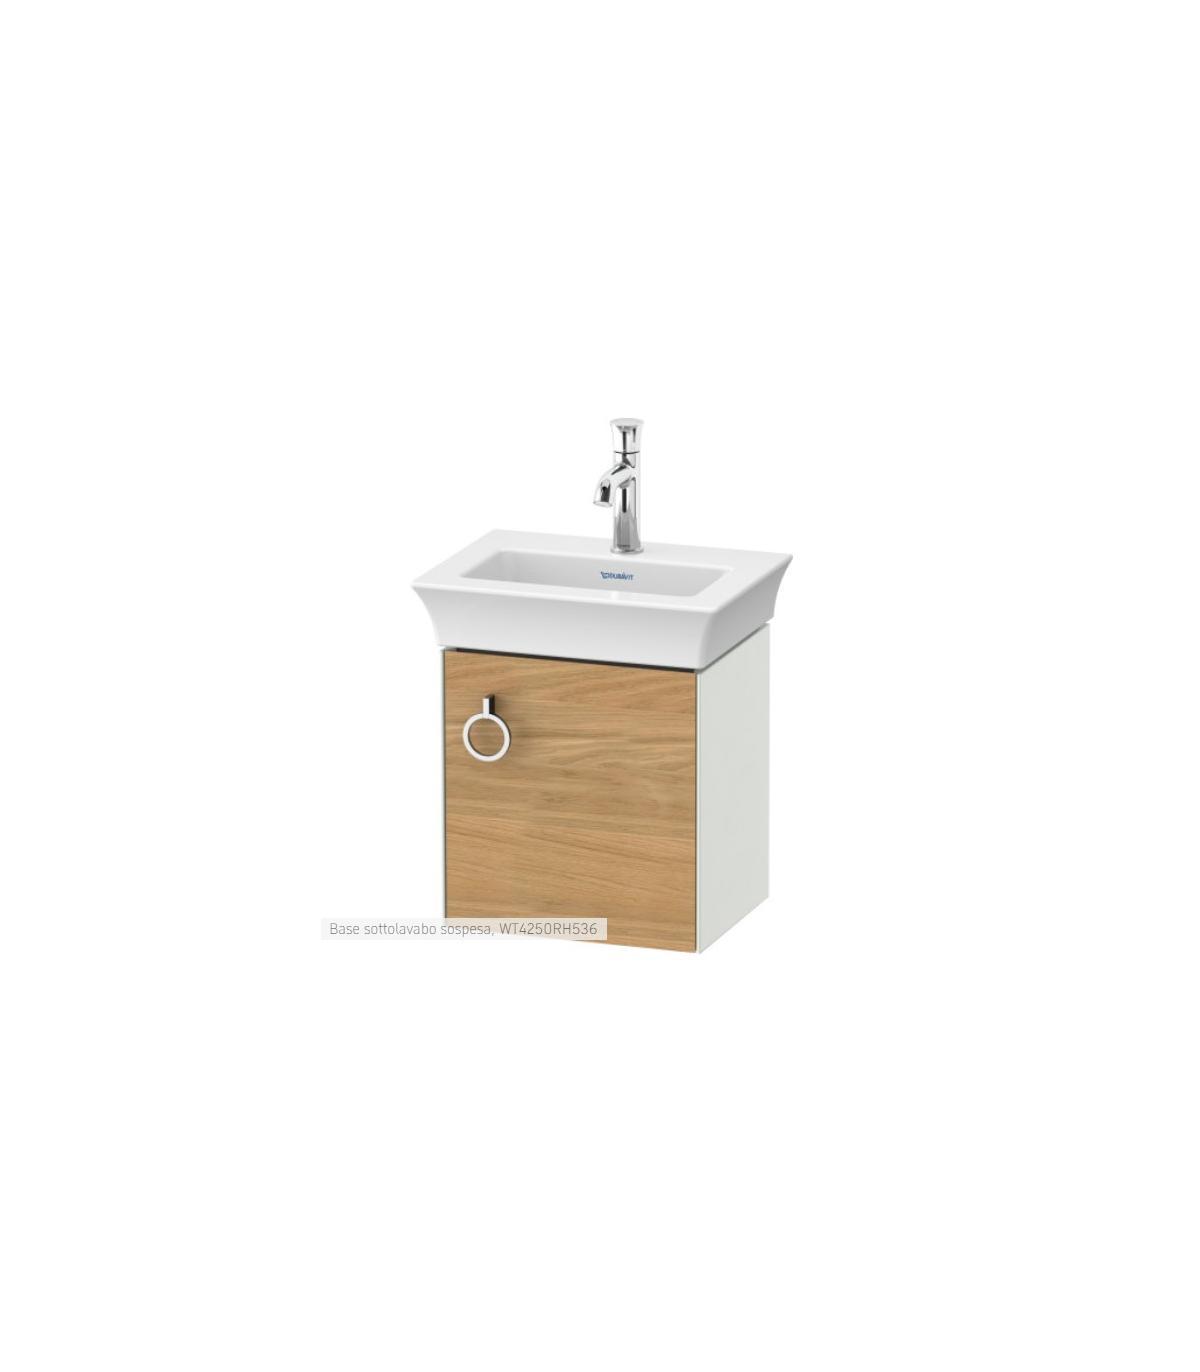 Ceramica Flaminia Serie Io.Vasca Incasso Flaminia Serie Io Art Io84b